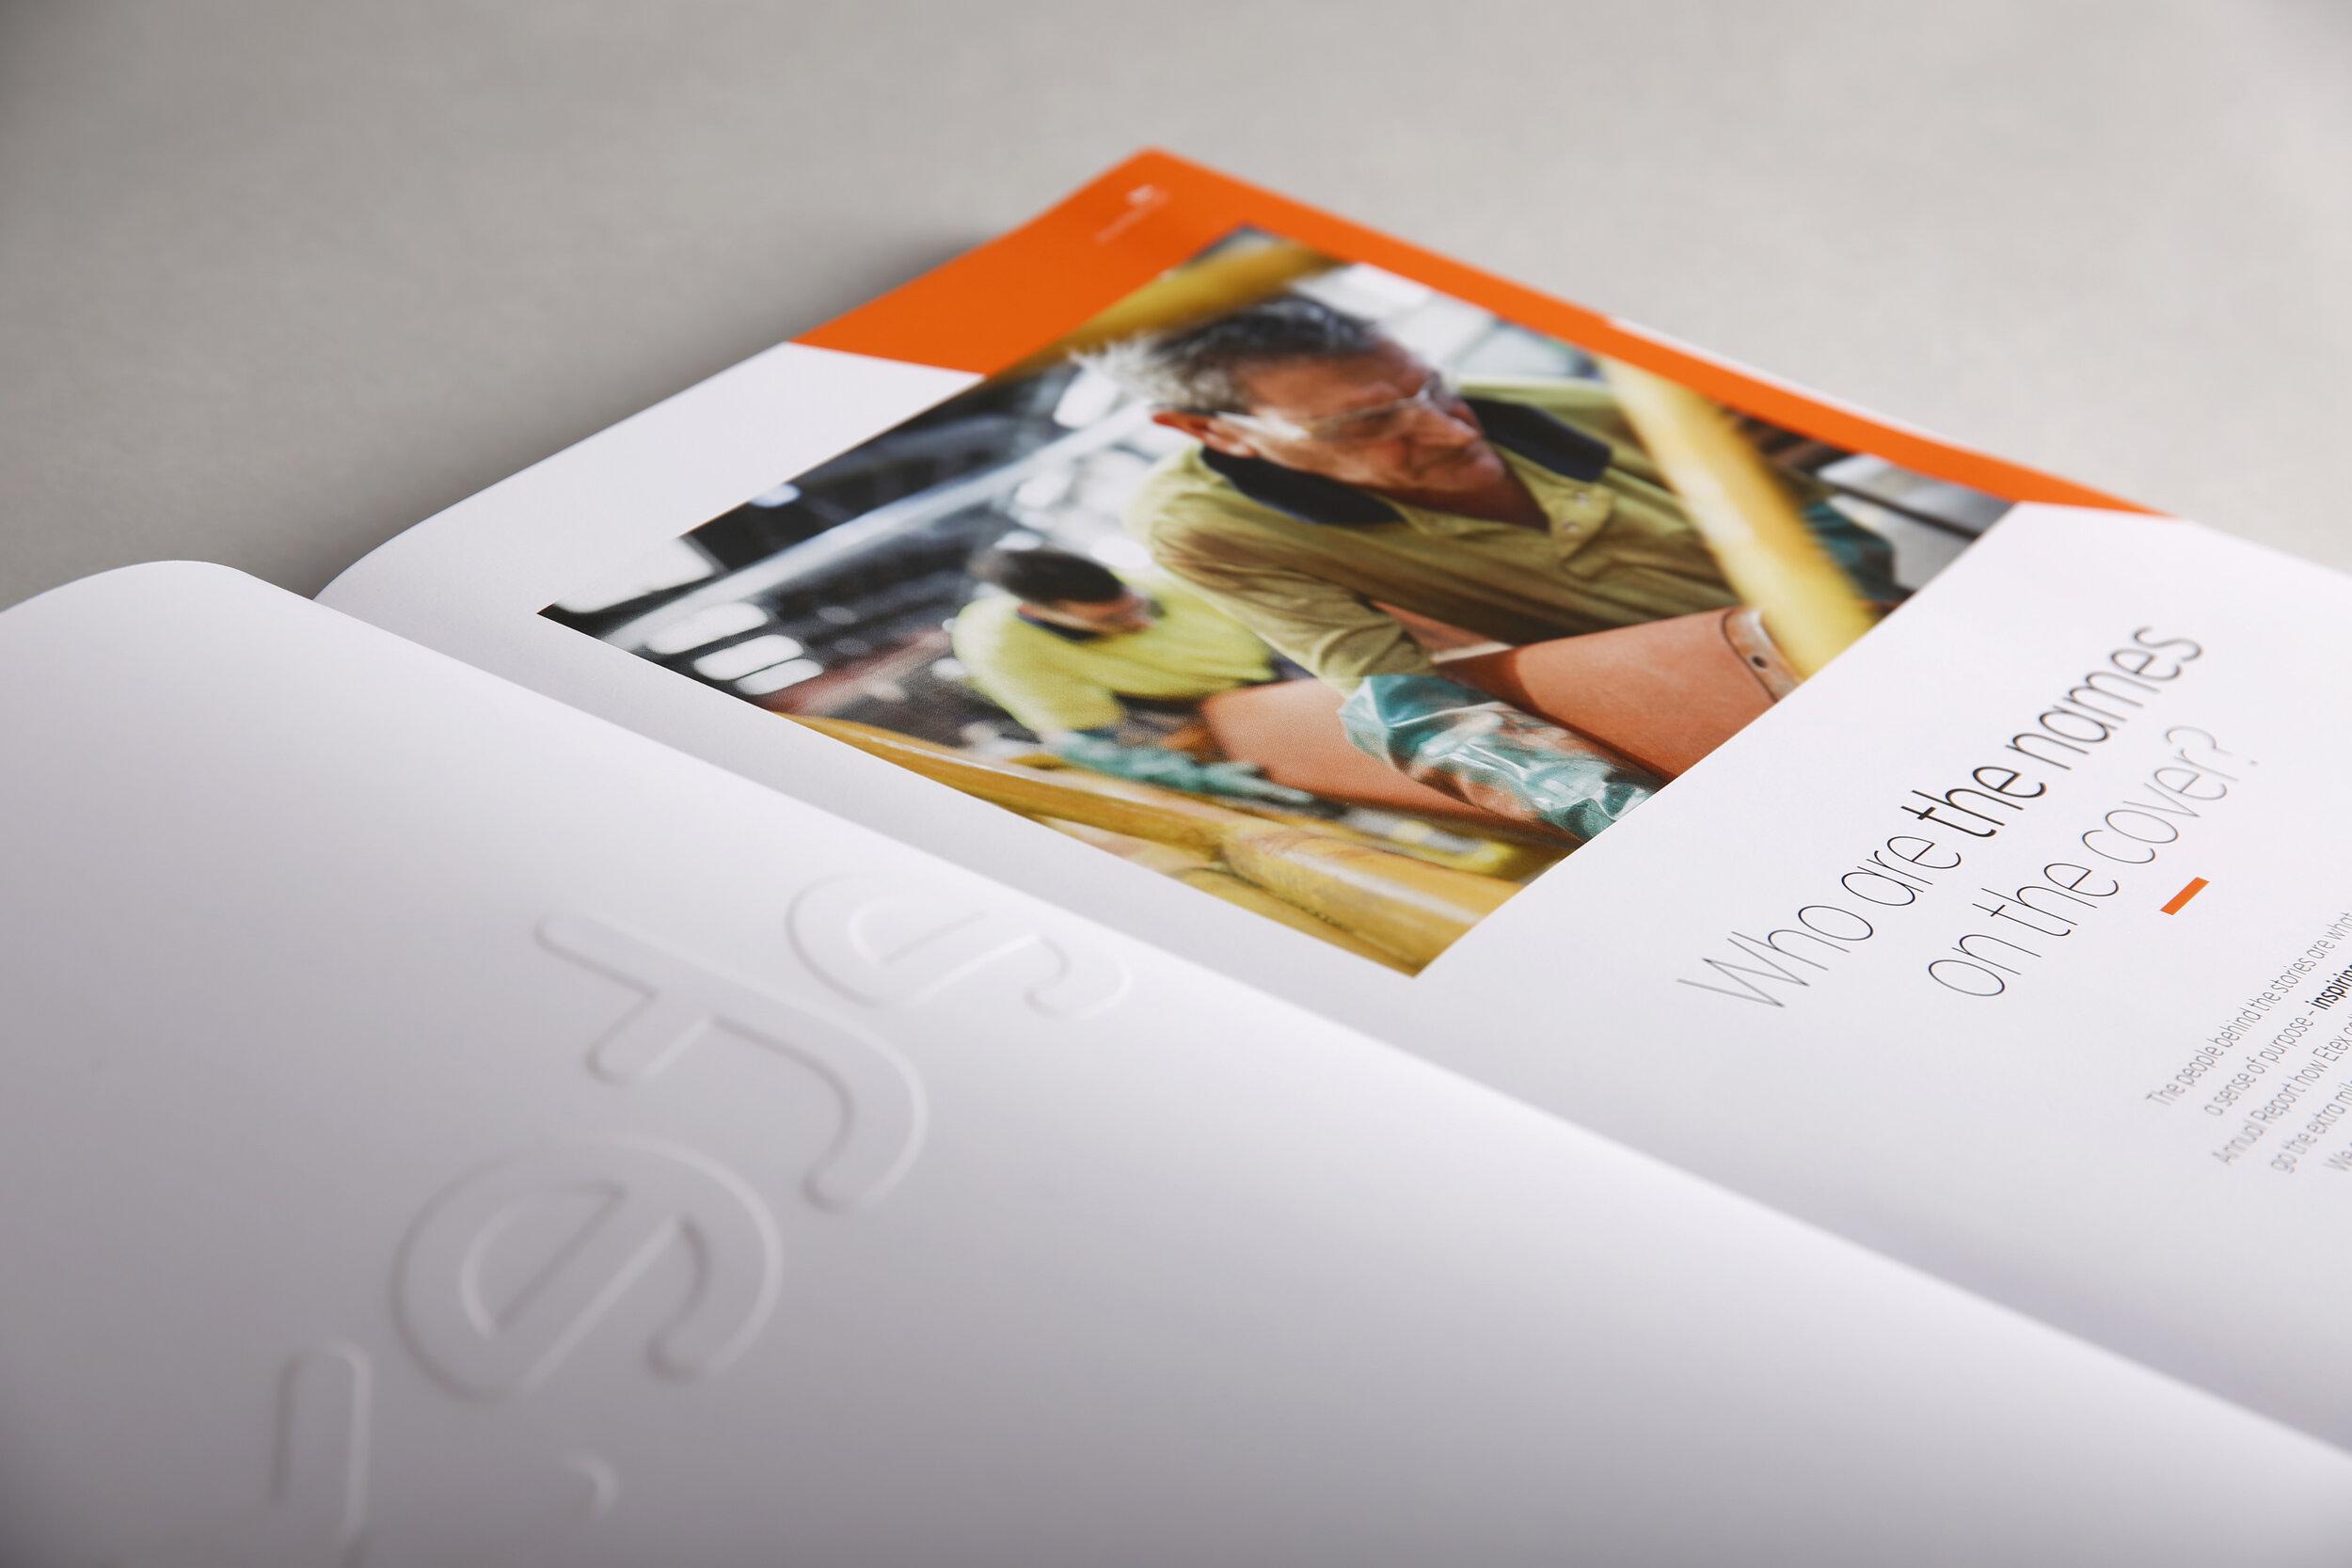 Etex Annual Report 1